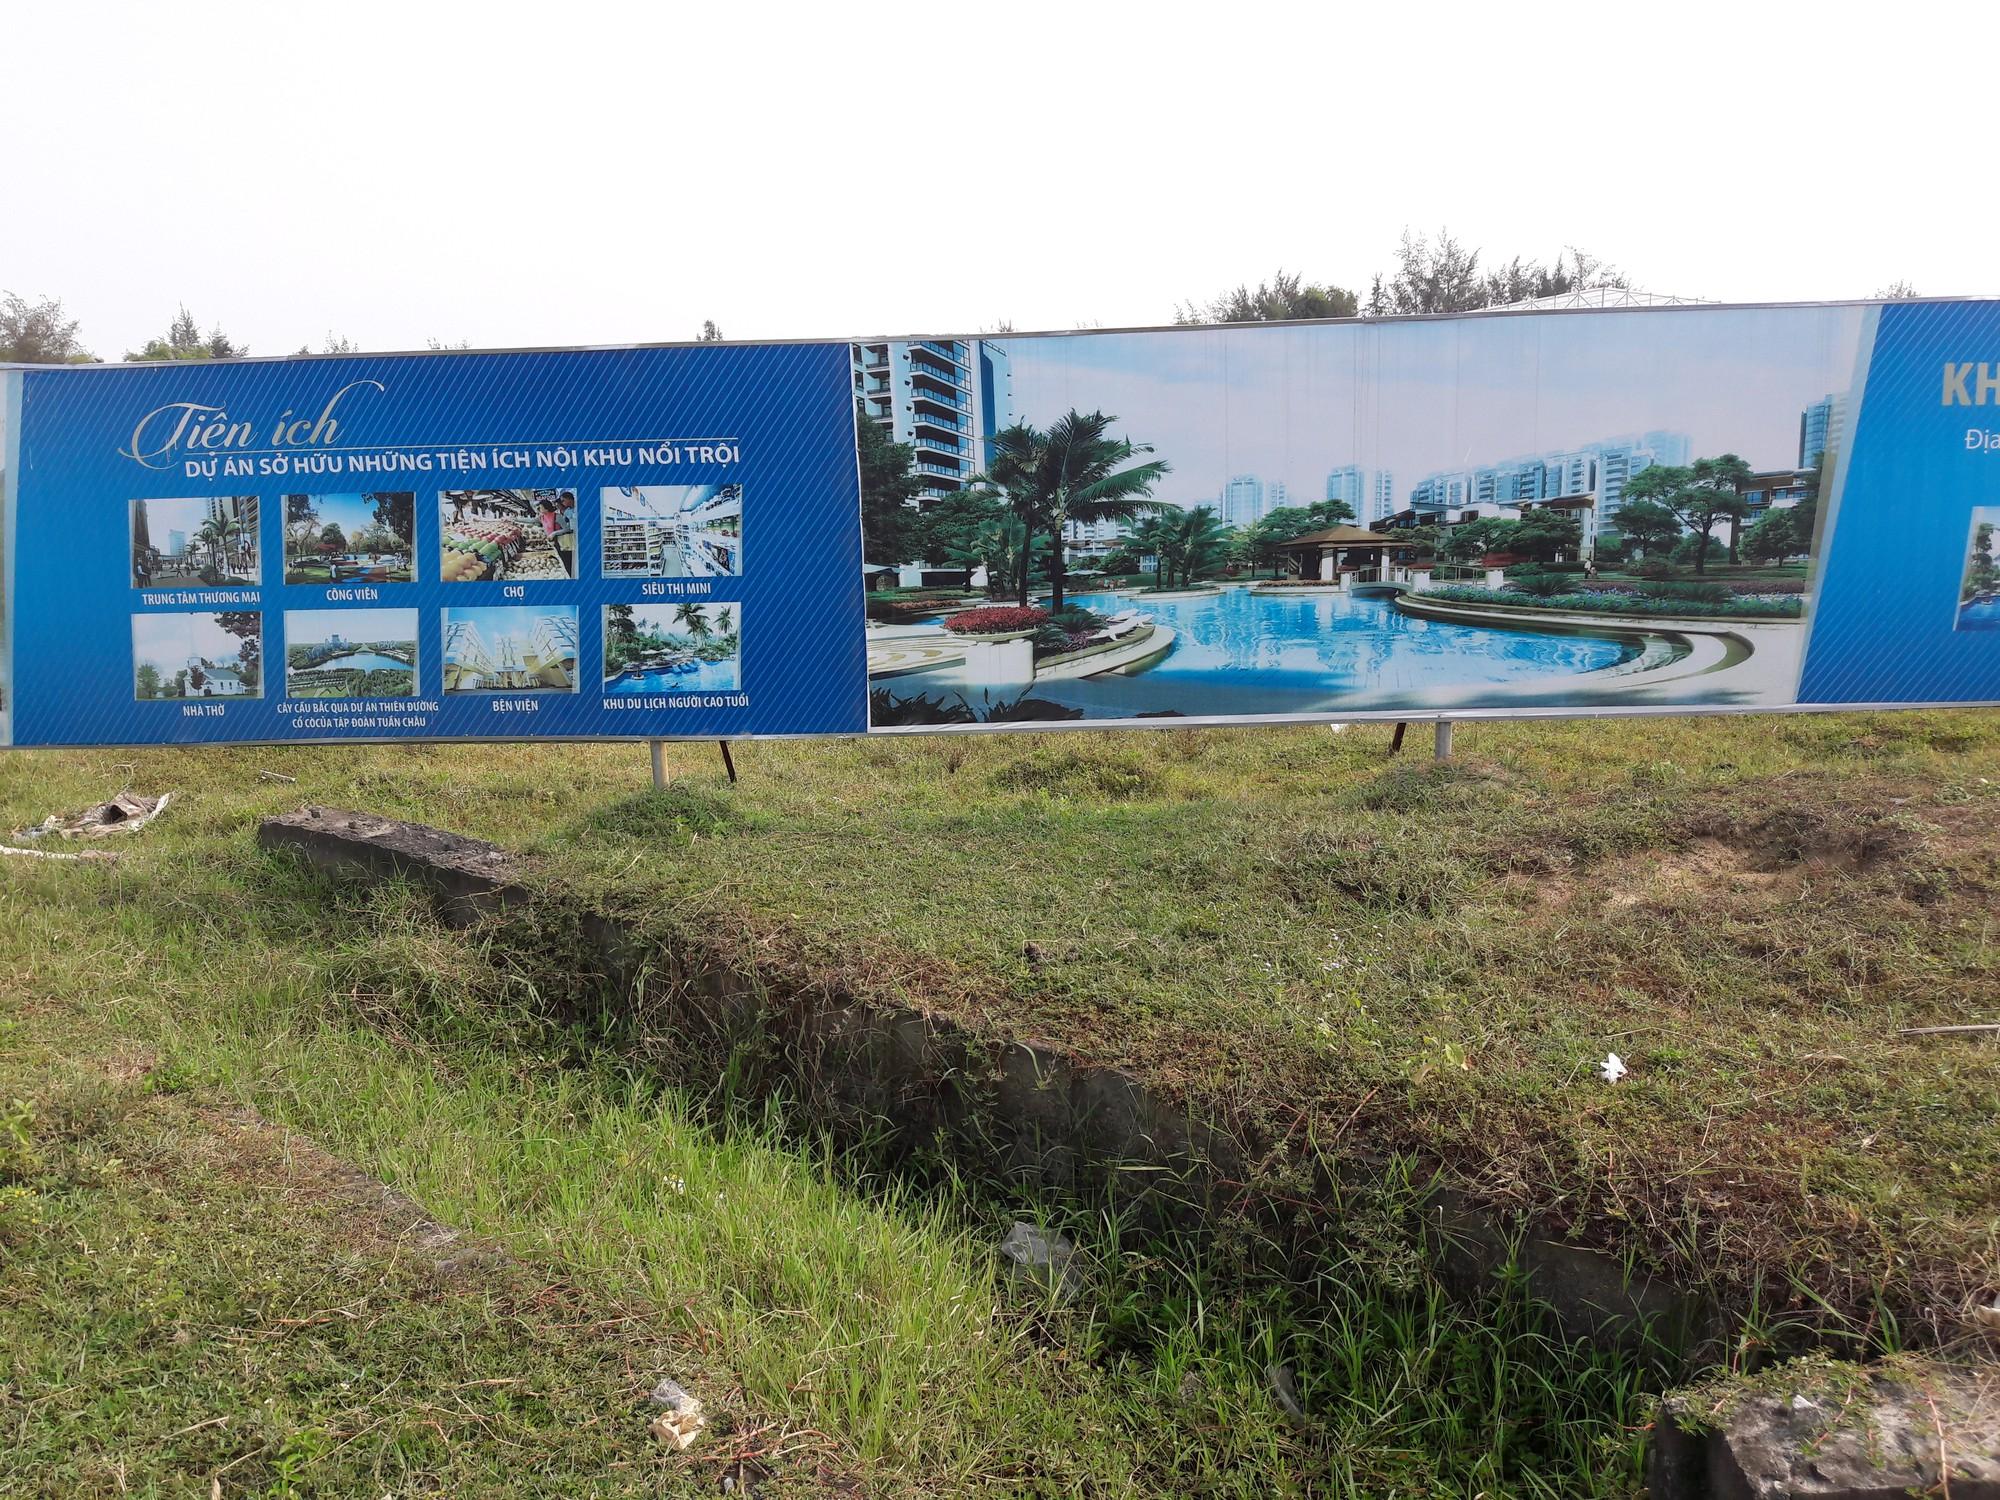 Cận cảnh khu đất của công ty Bách Đạt An ở Quảng Nam mà người dân rót tiền tỉ mua, lòng như lửa đốt đòi sổ đỏ - Ảnh 6.